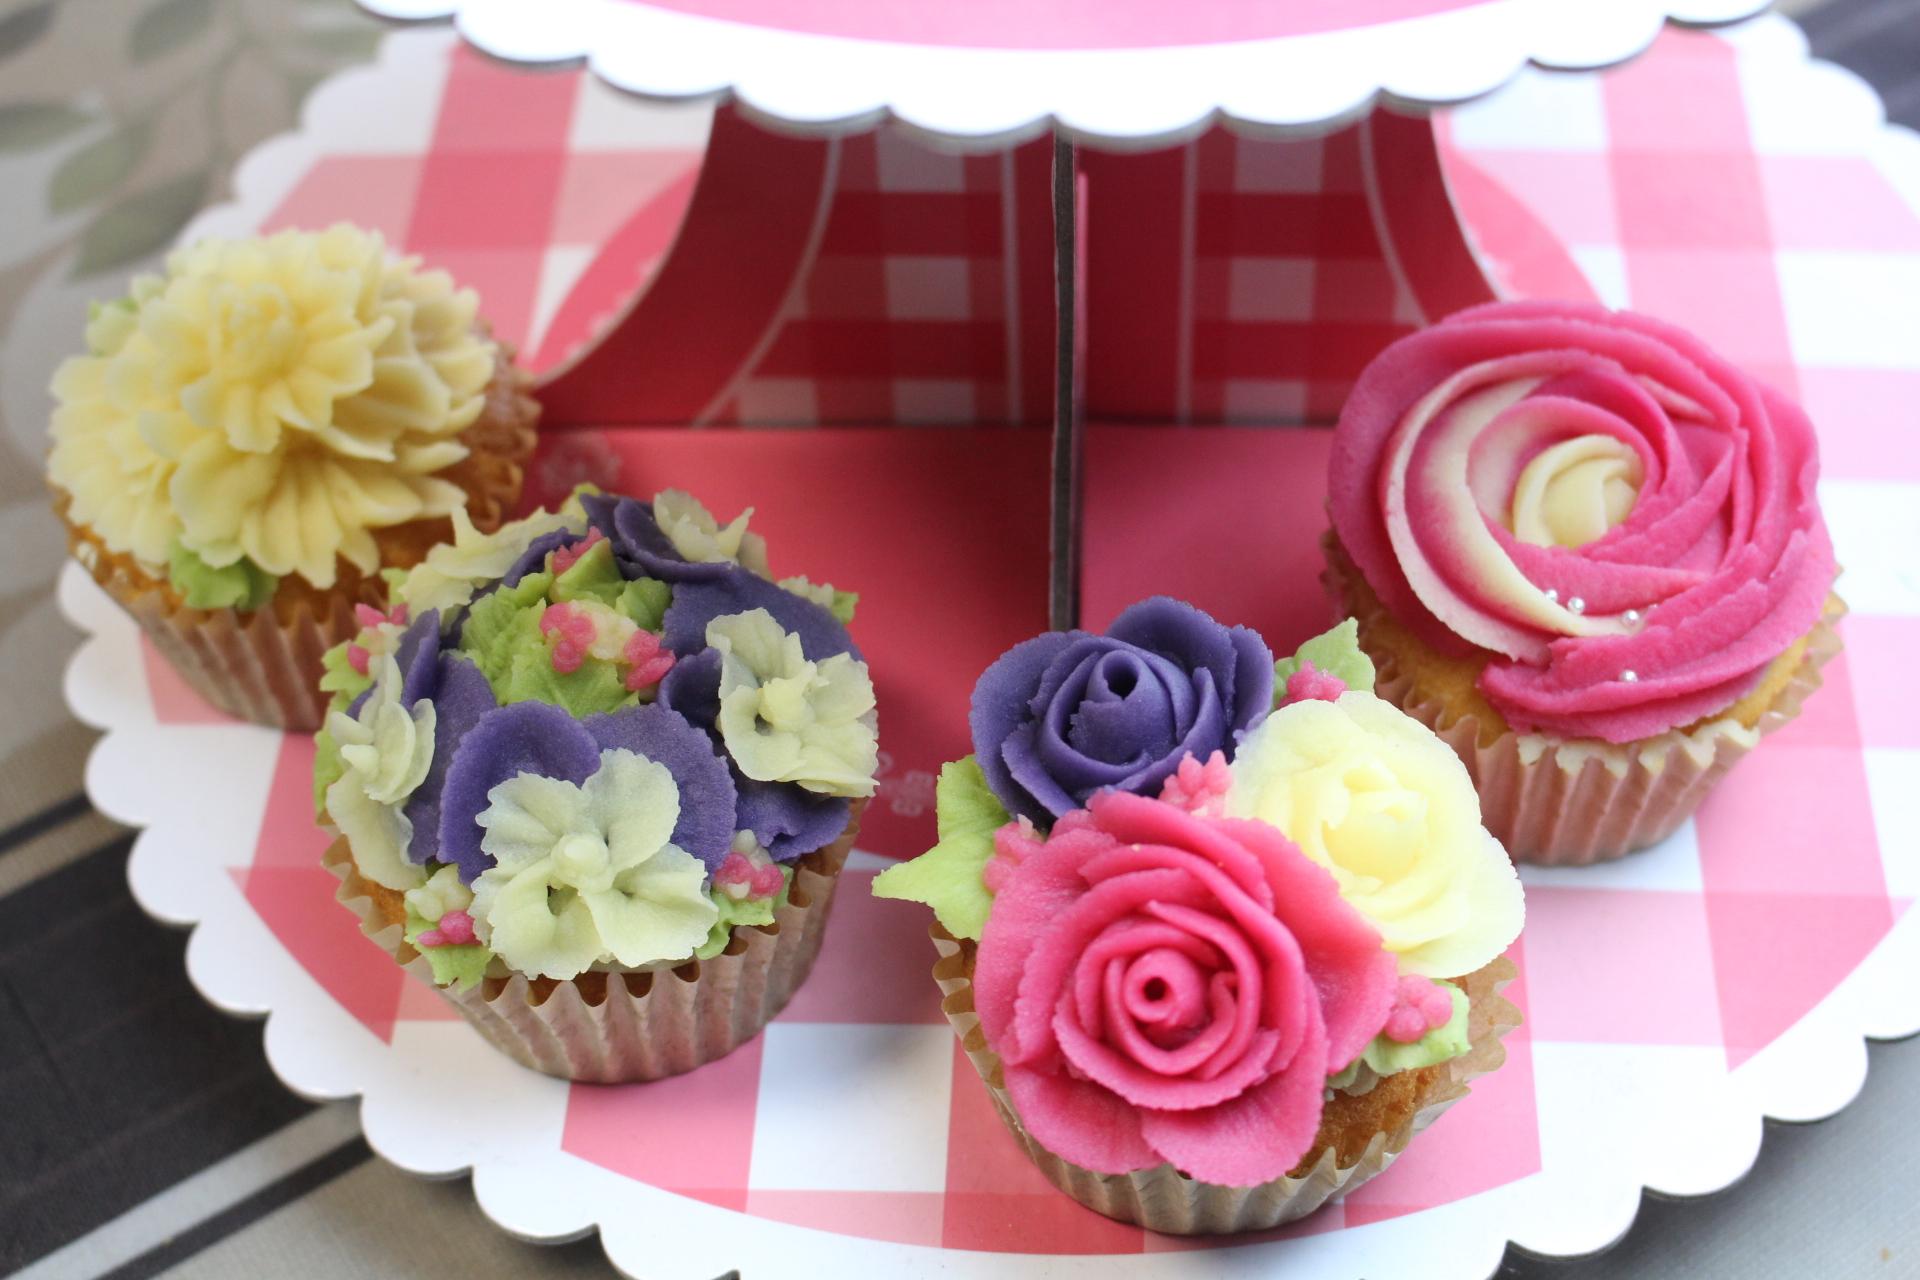 フラワーカップケーキ スカビオサ、薔薇、ビオラ